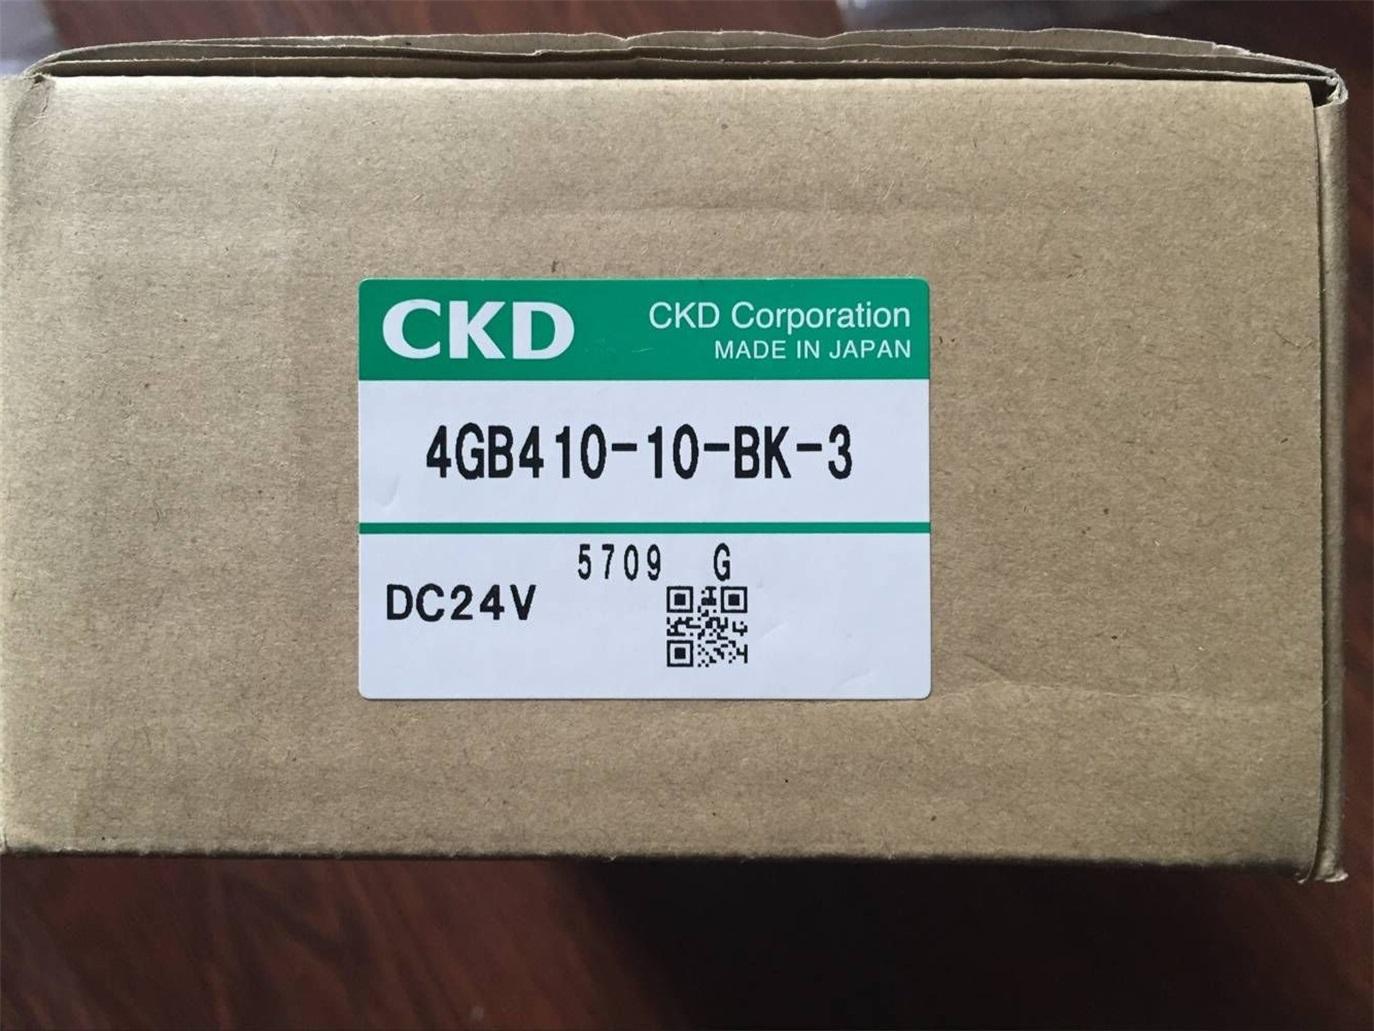 Van điện từ CKD 4GB410-10-BK-3